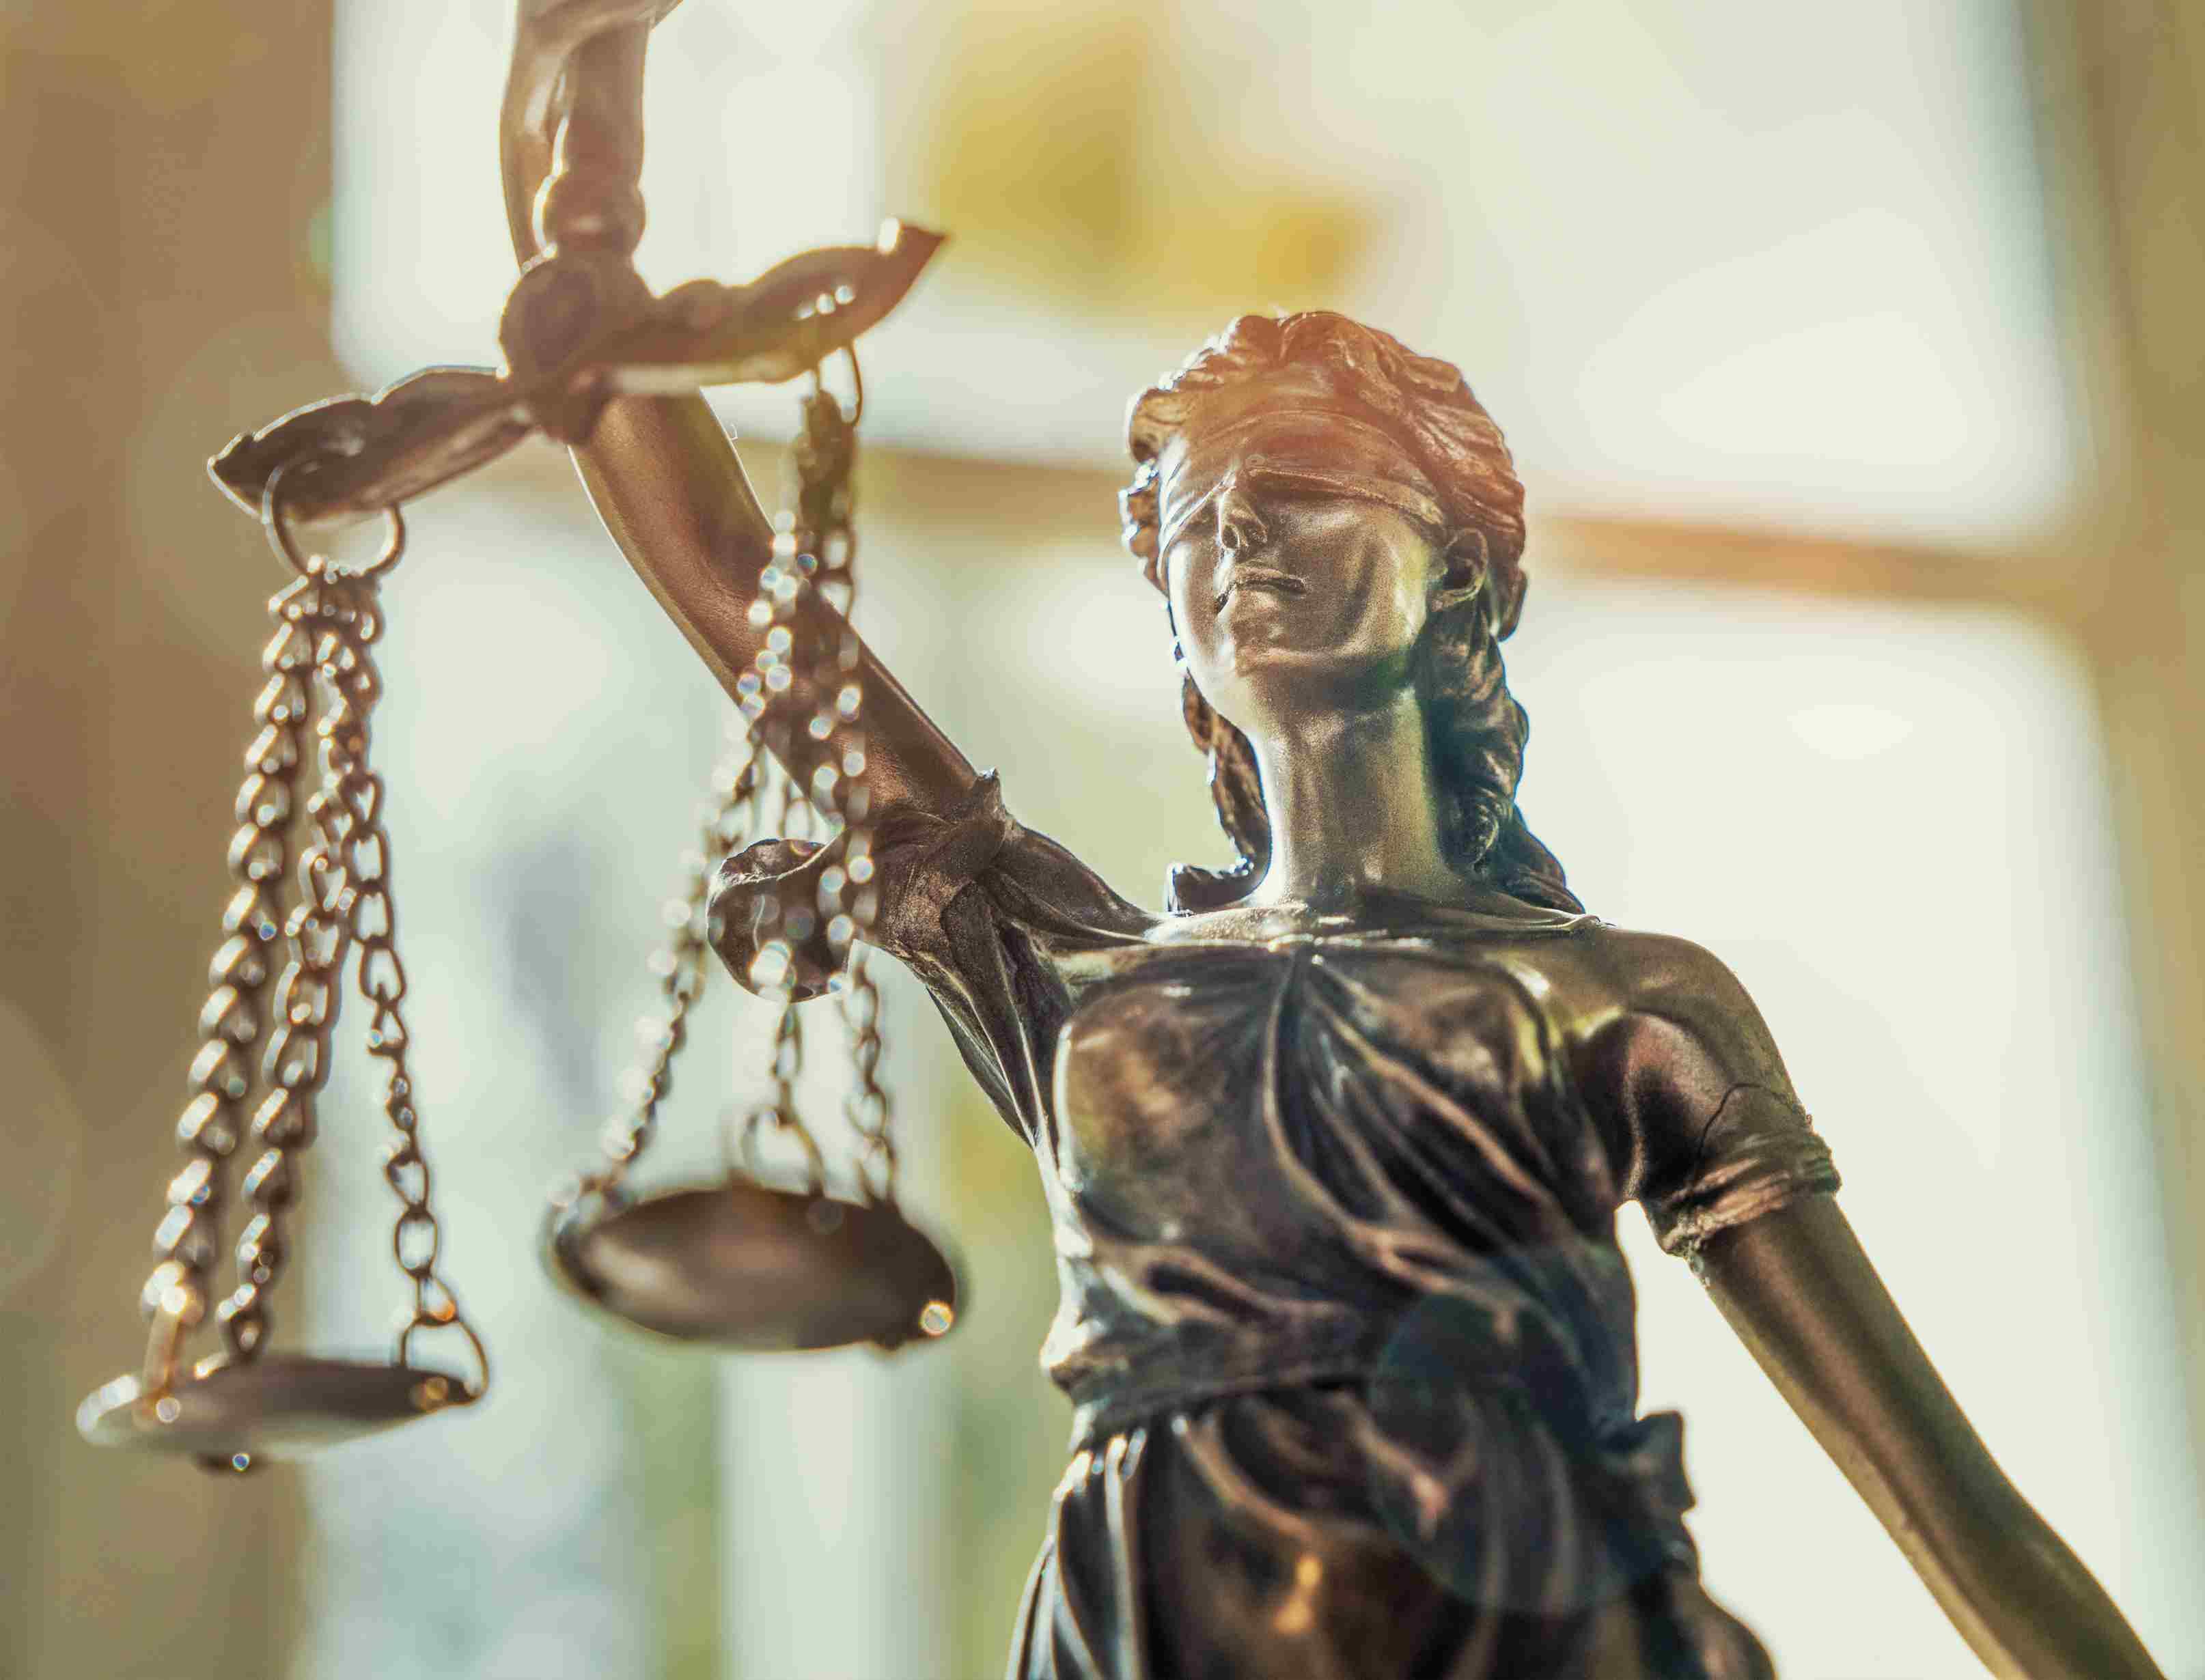 Derechos, deberes....y escapar de los problemas